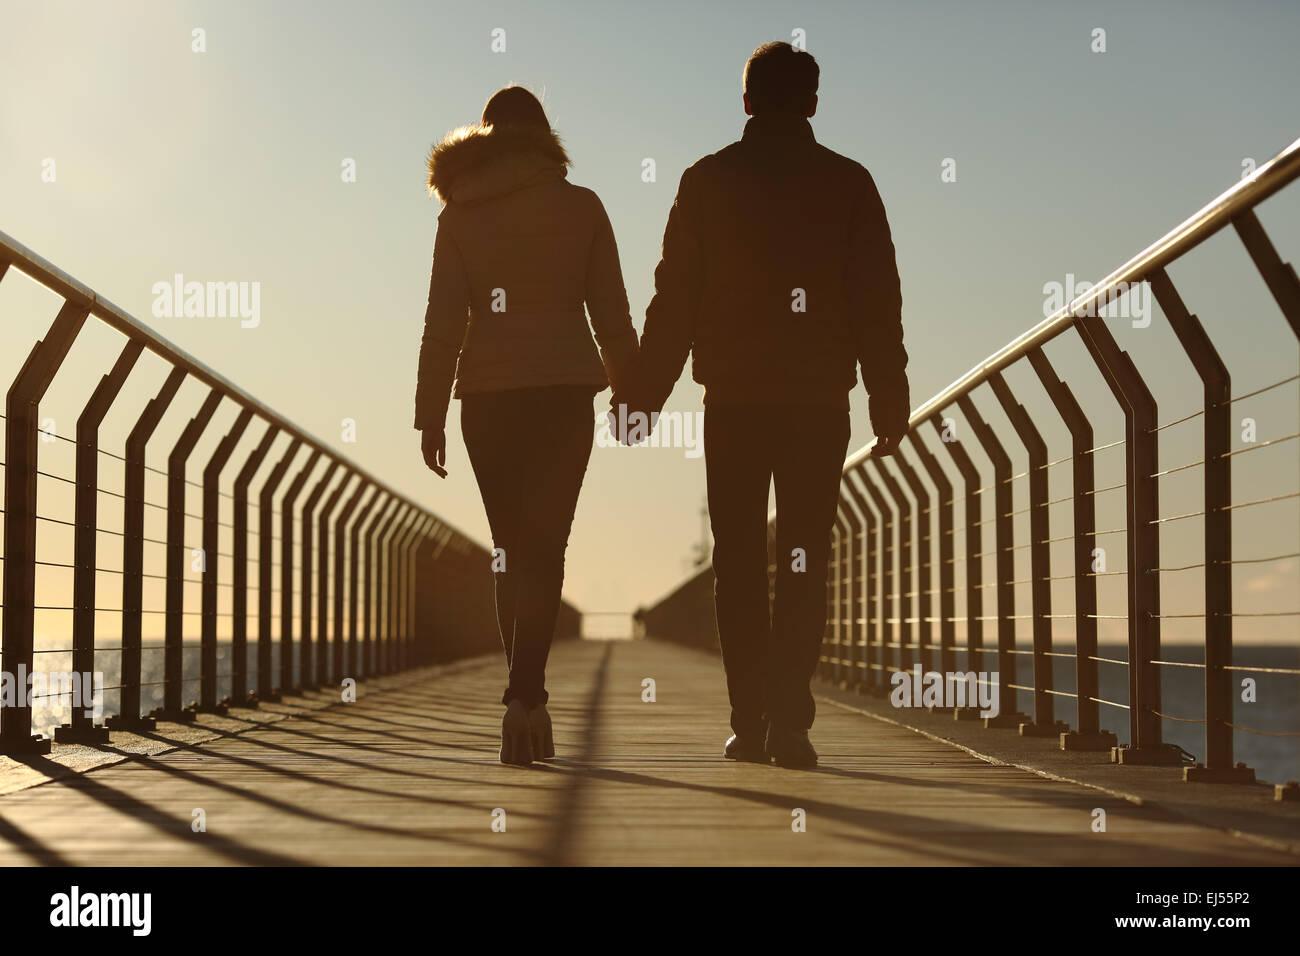 Zurück Silhouette eines Paares zu Fuß halten die Hände auf einer Brücke am Strand bei Sonnenuntergang Stockfoto